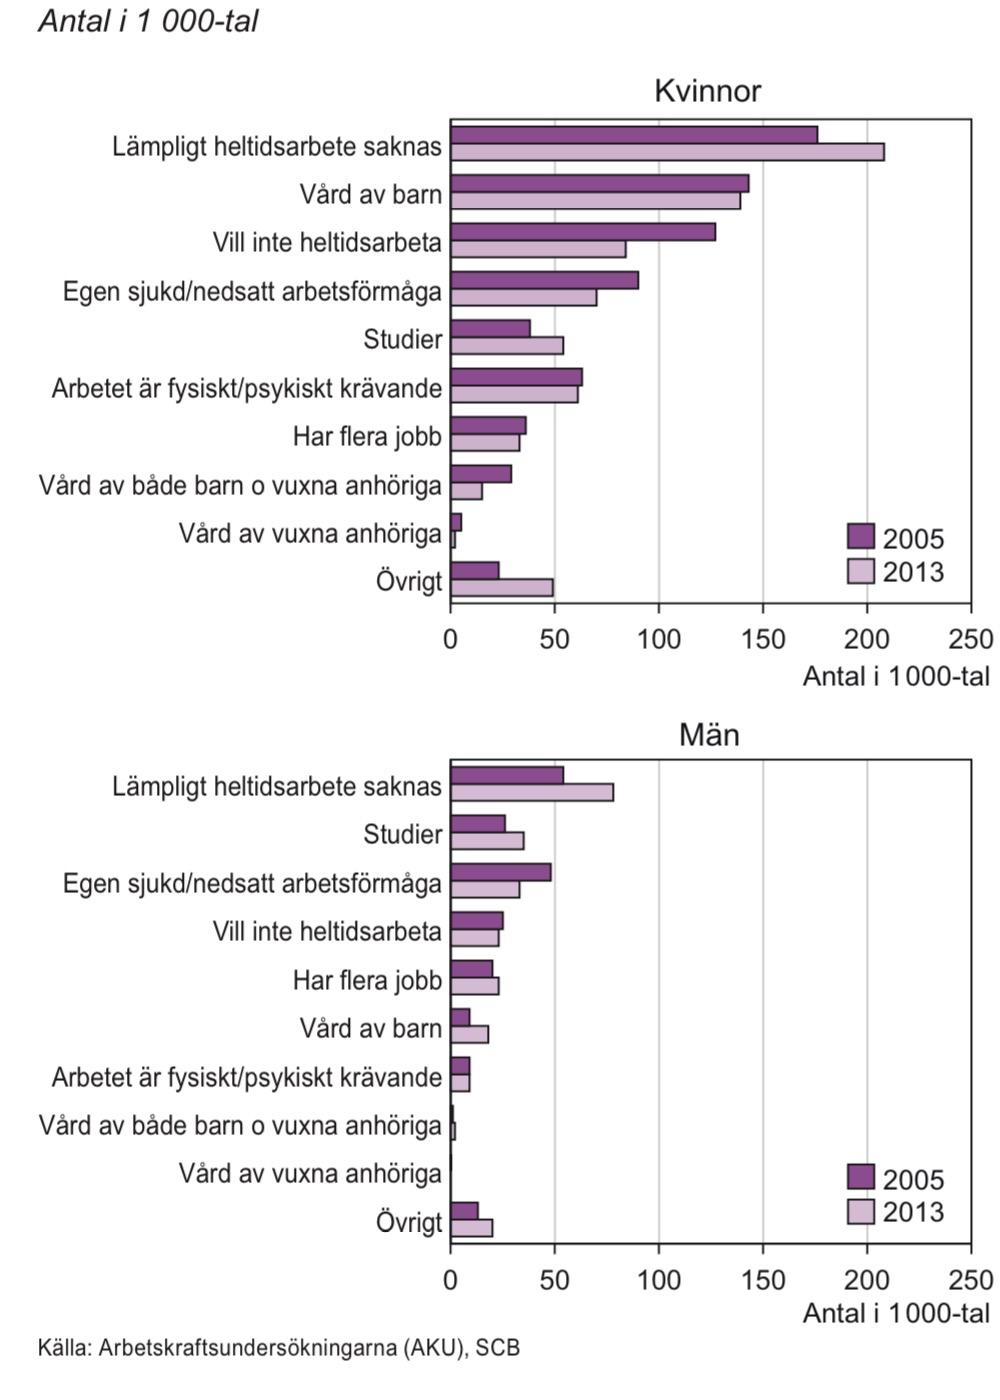 Orsak till deltidsarbete för personer i åldern 20–64 år, 2005 och 2013